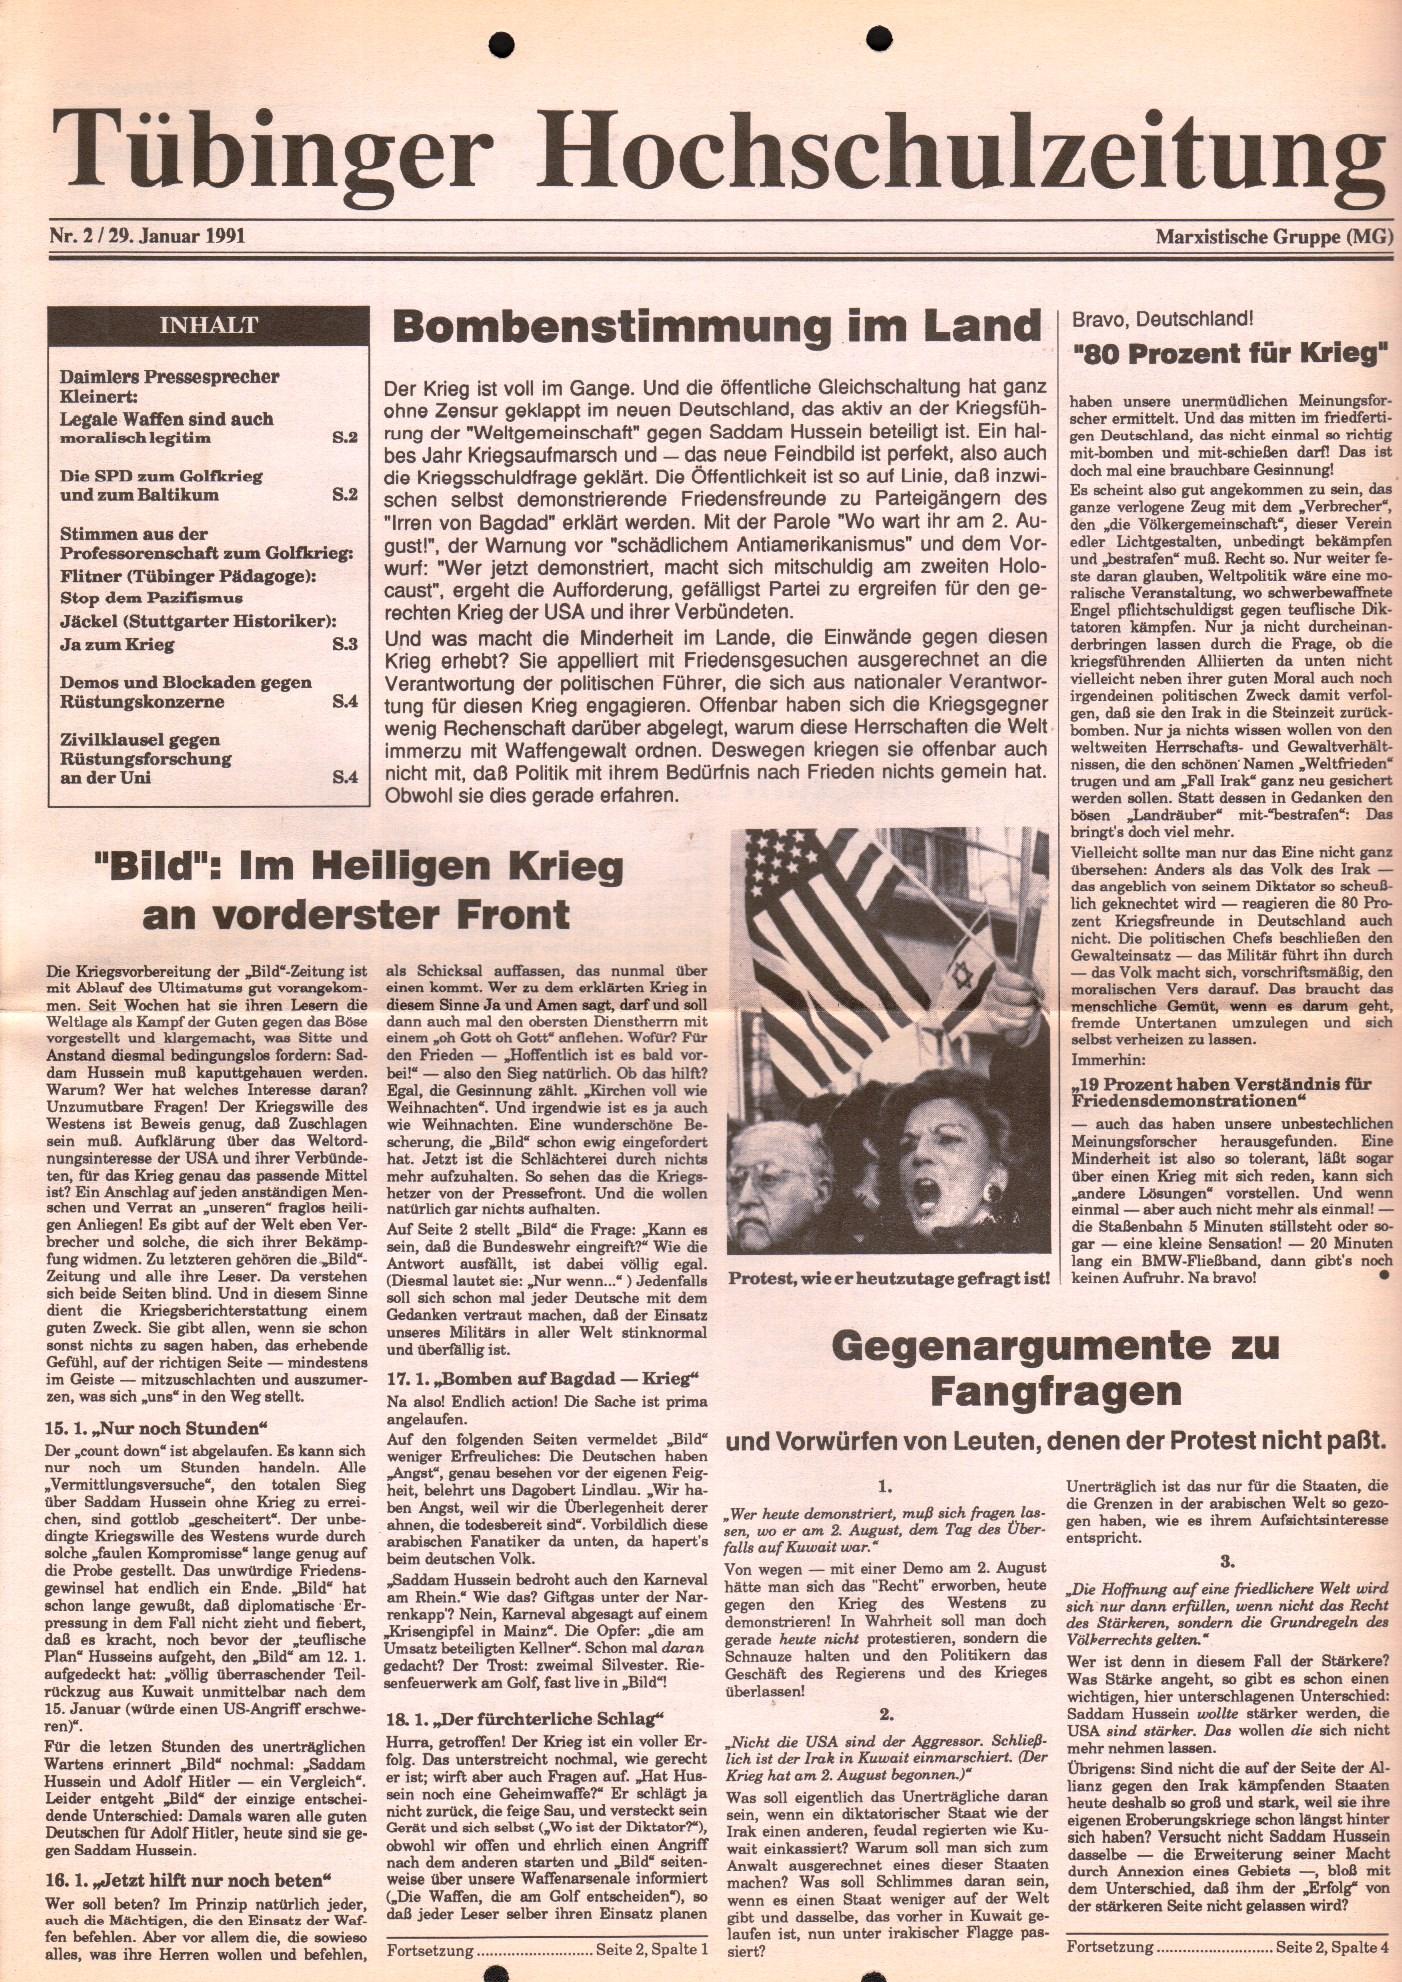 Tuebingen_MG_Hochschulzeitung_1991_02_01